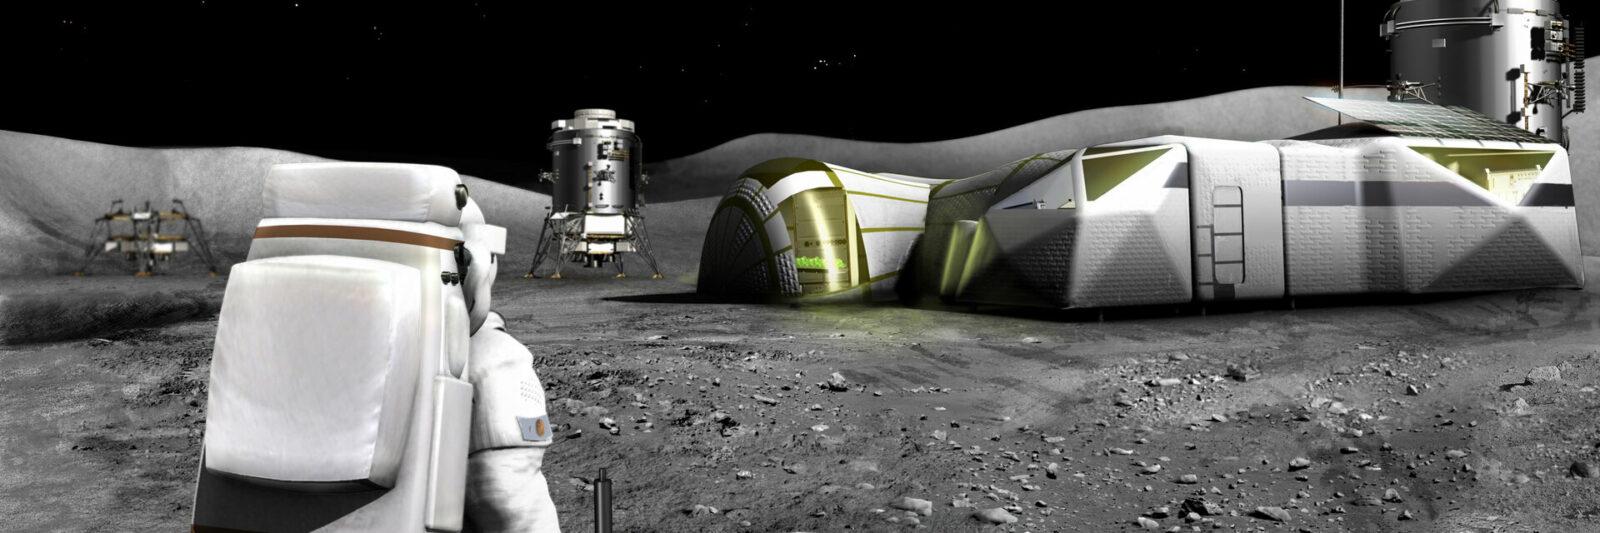 Les gagnants du Moon Camp challenge 2020-2021 enfin dévoilés